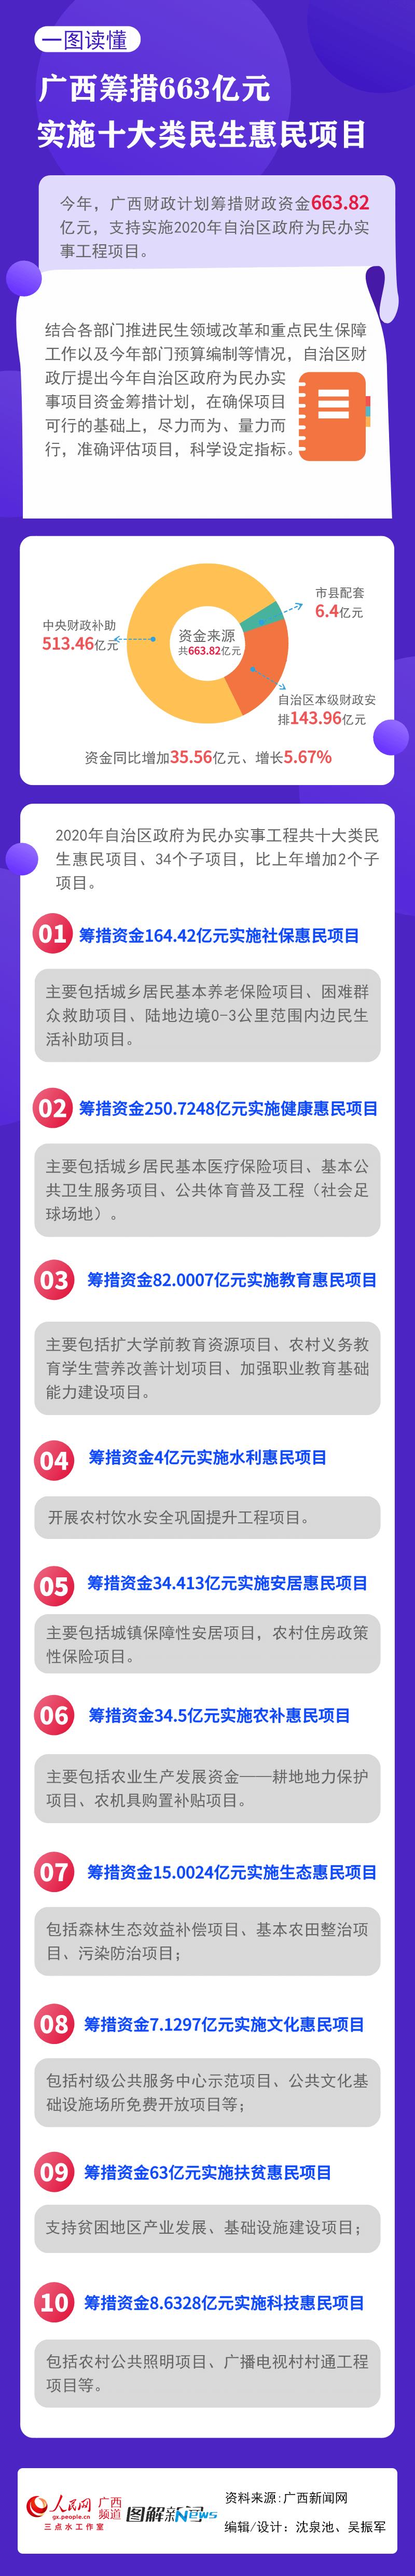 廣西籌措663億元實施十大民生惠民項目